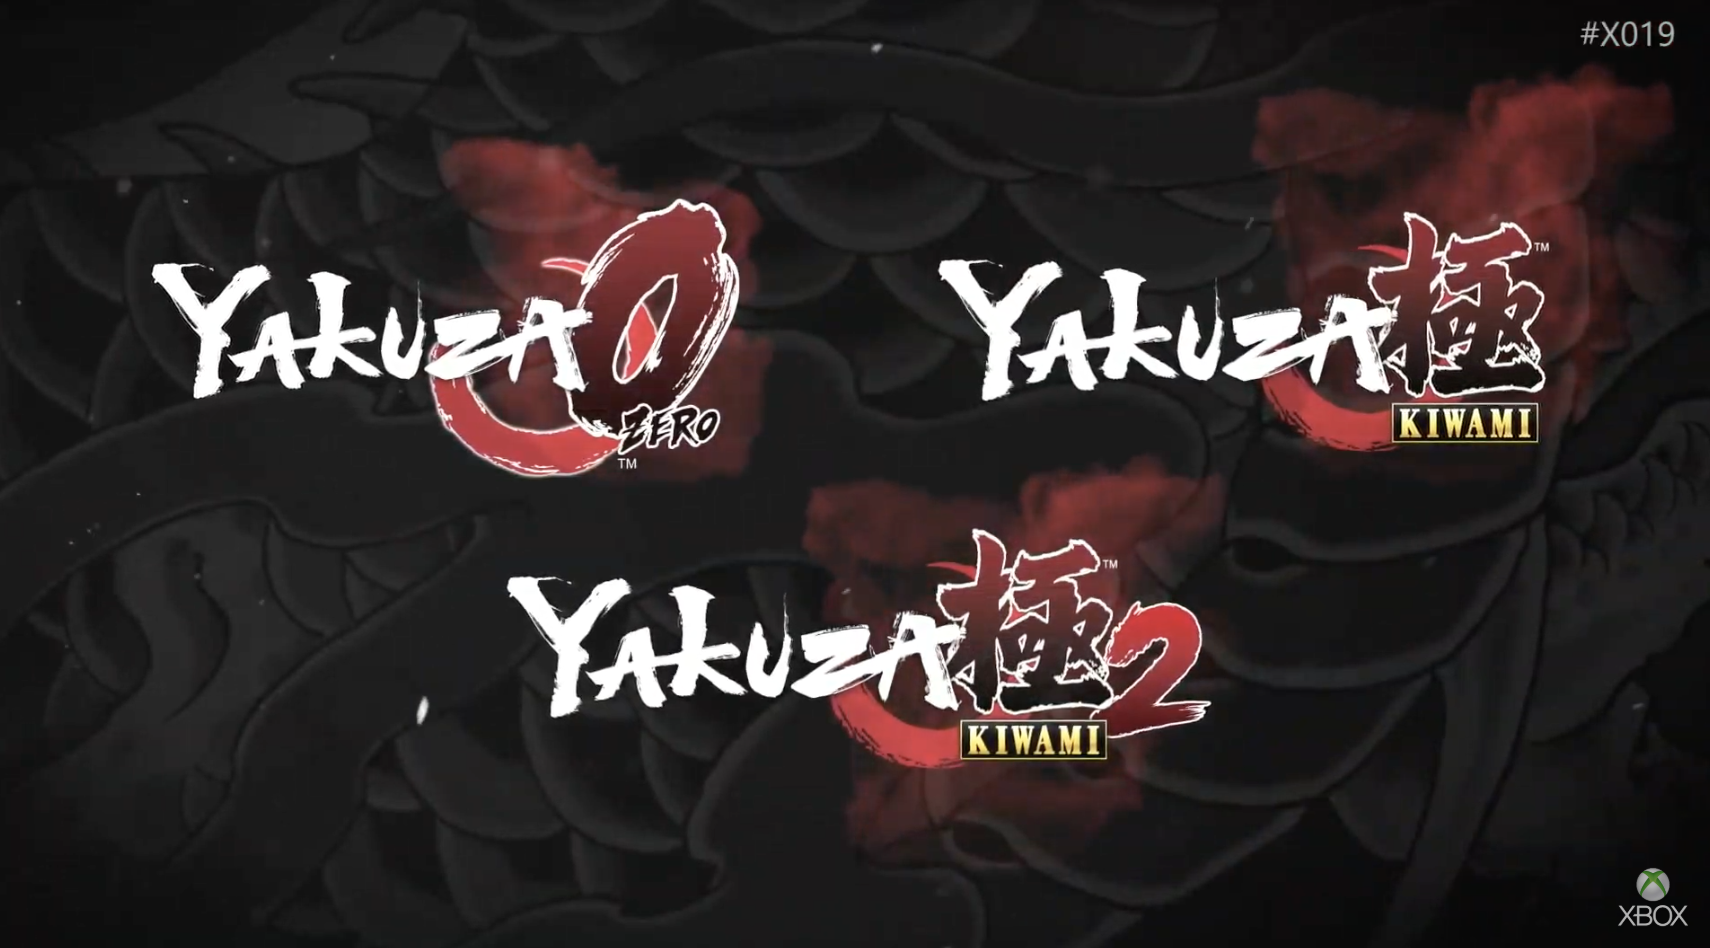 x019-yakuza